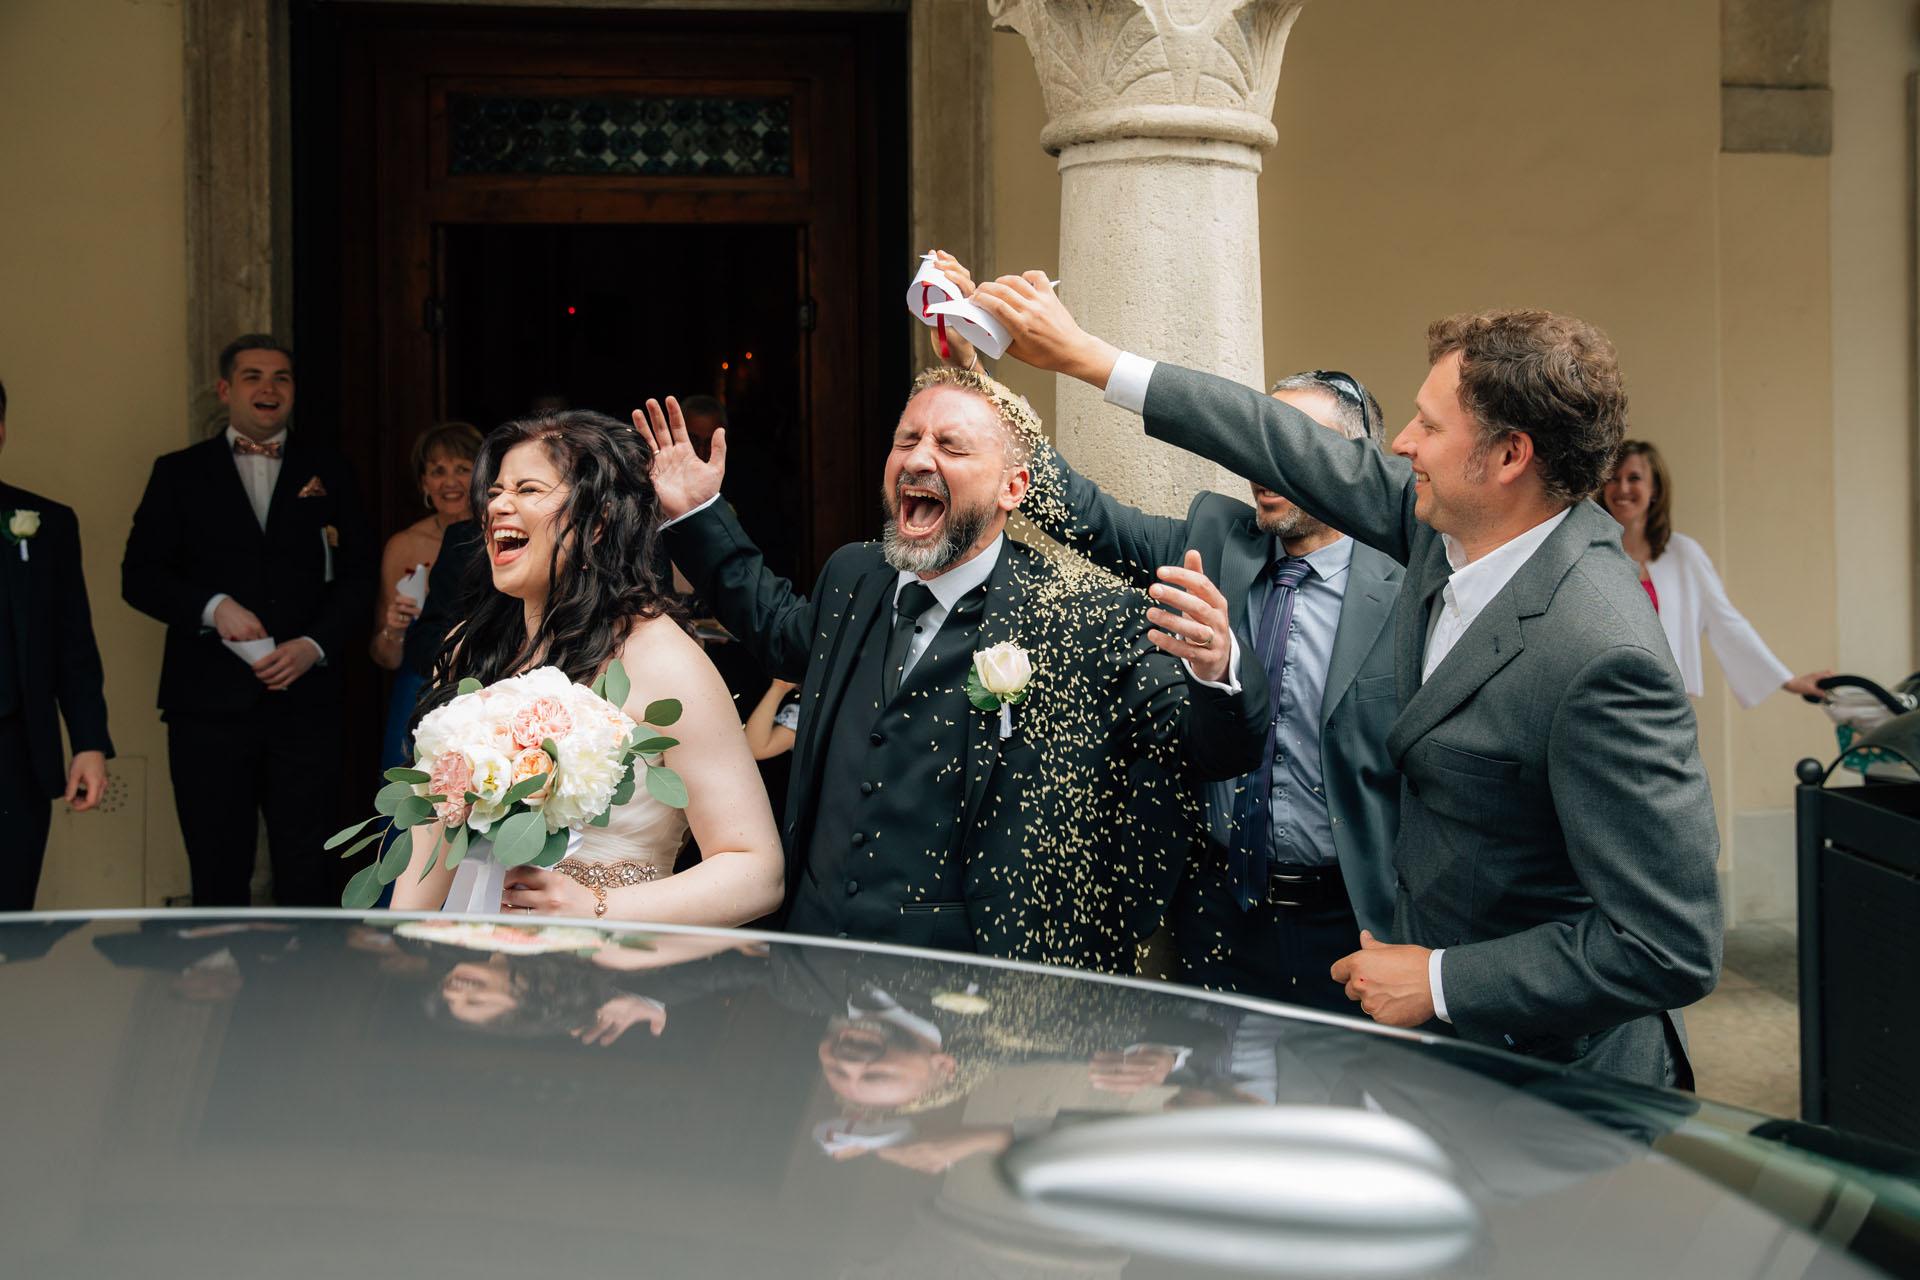 Jessica-Jason-Weddingdestination-Storytelling-Renato-Zanette-Fotografo-Convento-San-Francesco-Conegliano-Treviso-Veneto-Congratulazioni